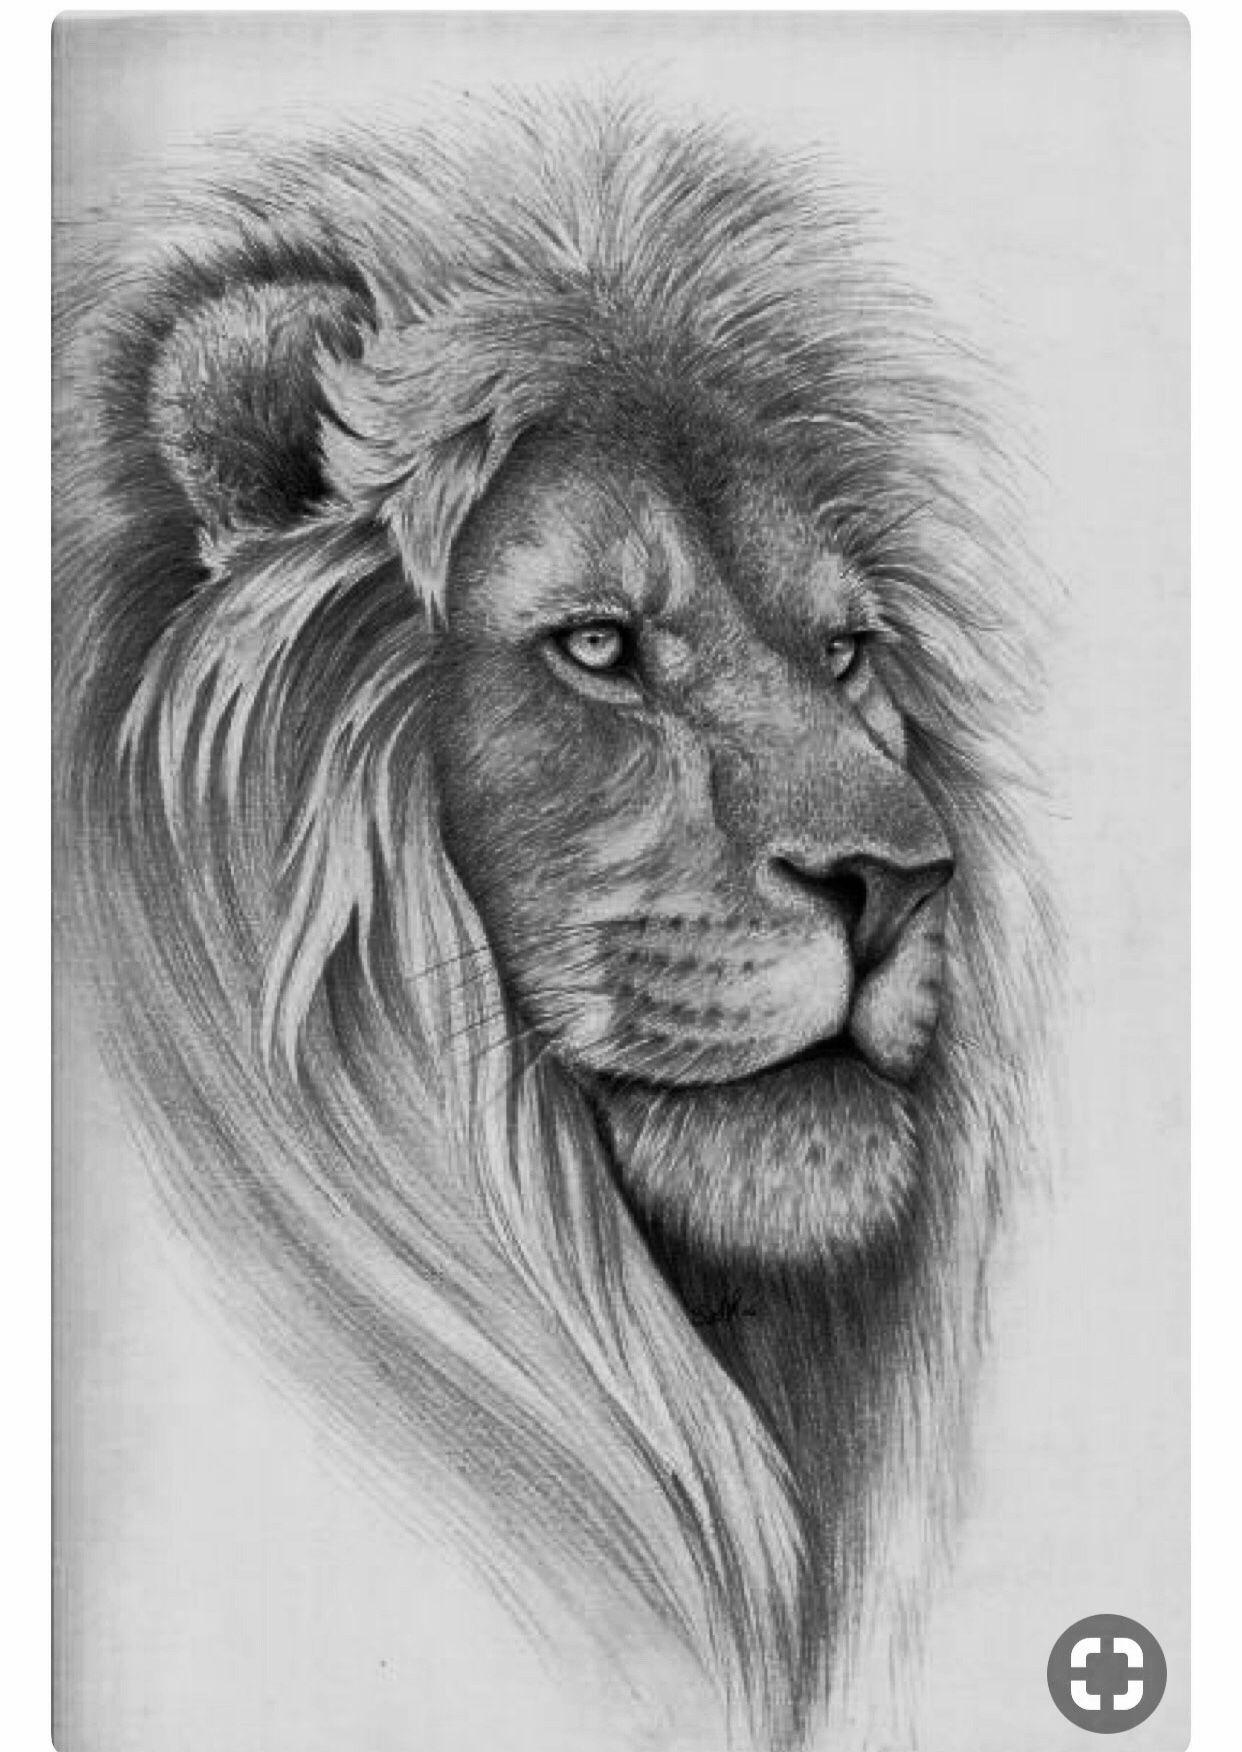 Lion B W Sketch Mane Shaped Like Heart Fotografia De Leao Desenho Realista Desenho De Tatuagem De Tigre